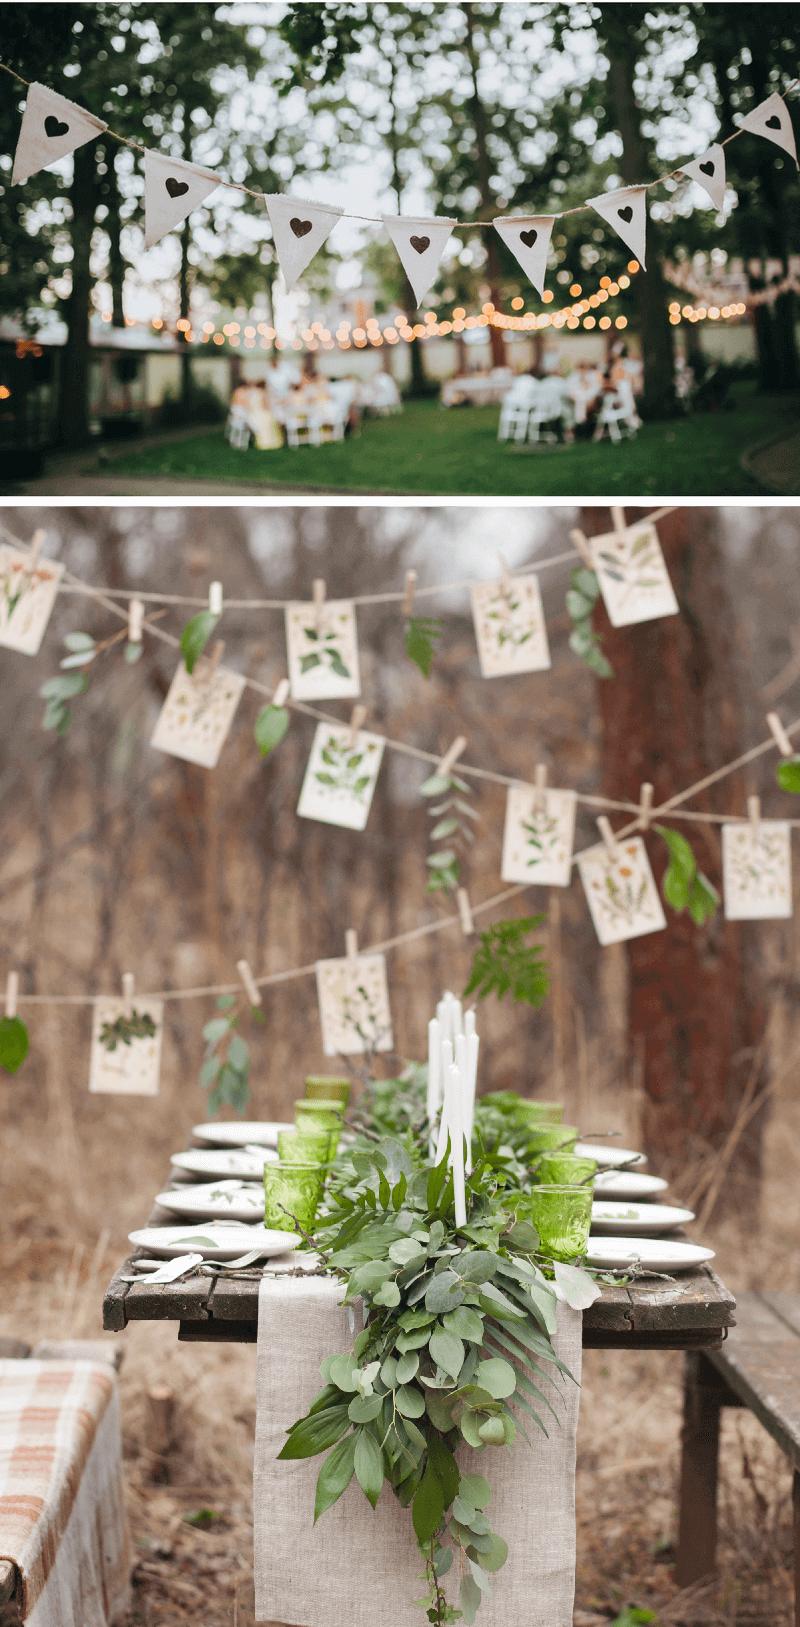 Fein Coole Hochzeits Themen Bilder - Brautkleider Ideen ...